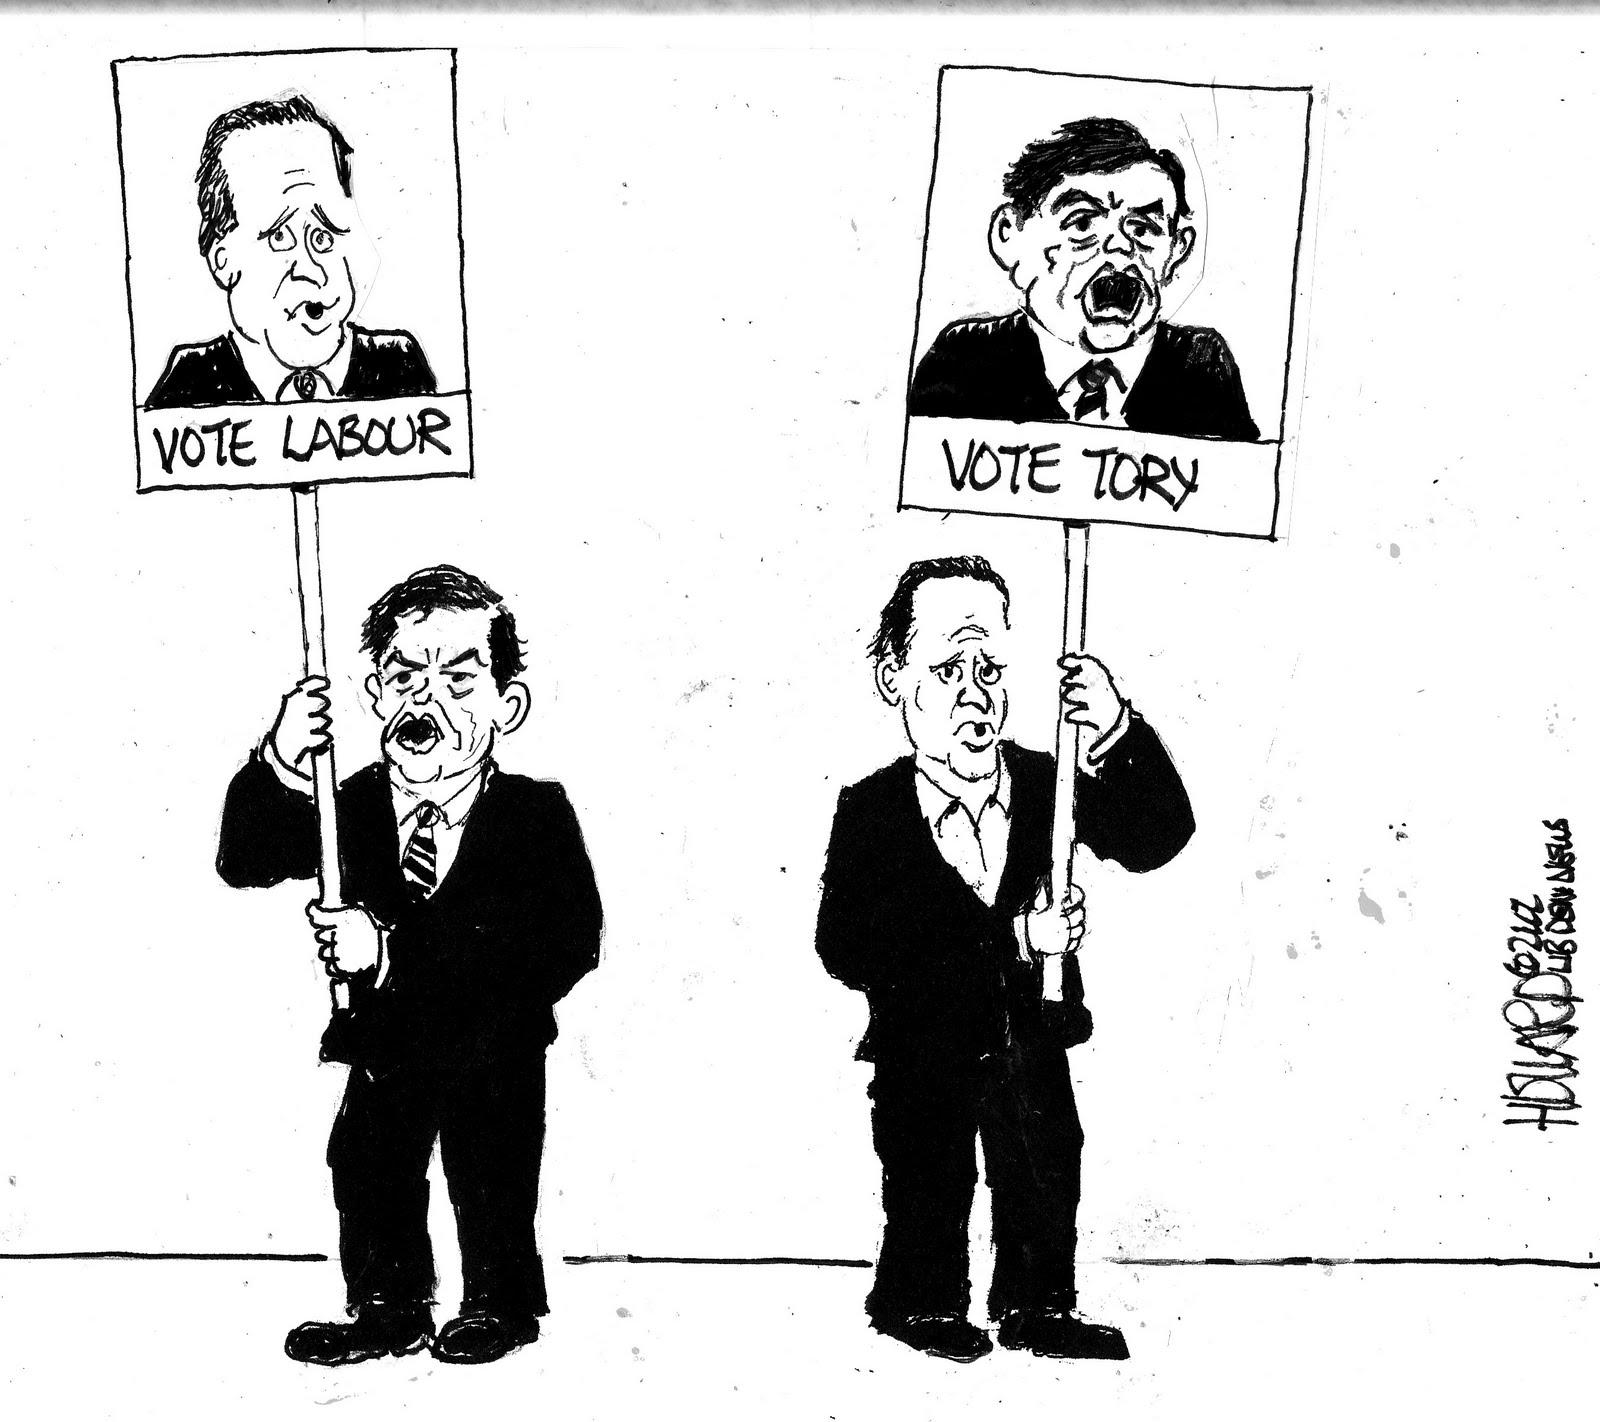 Liberal England Cartoon Labservative Leaders